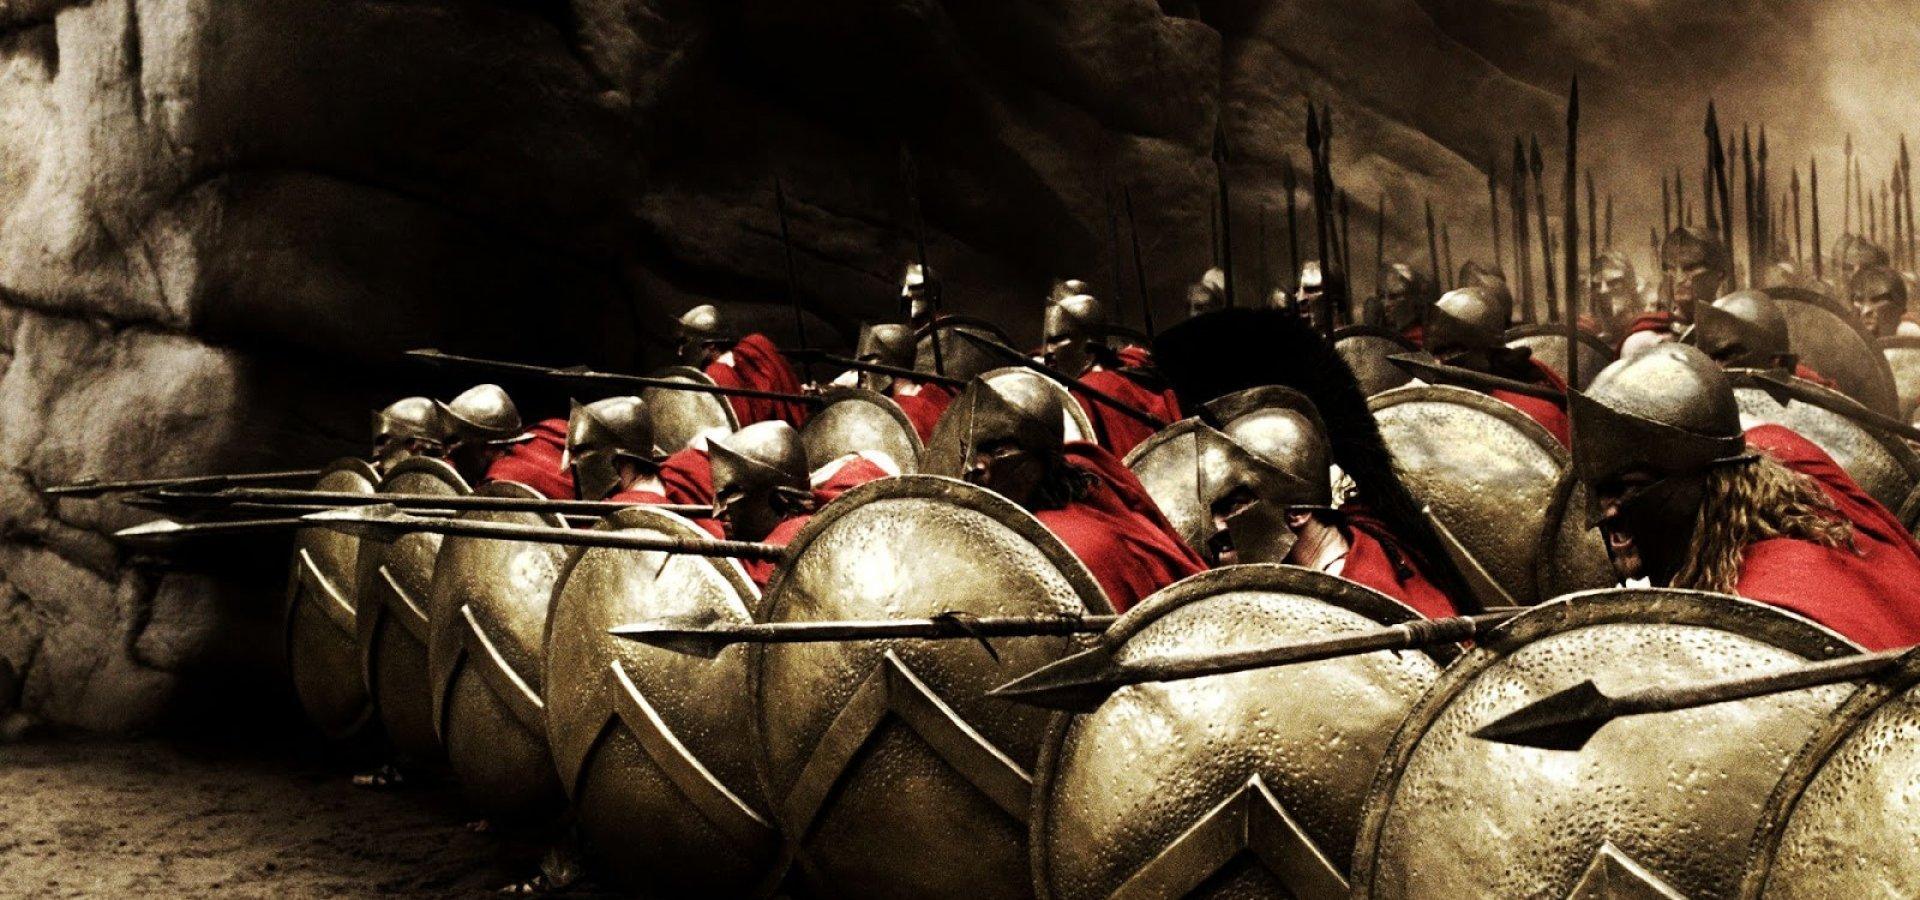 Το «μολών λαβέ» δεν το είπε ο Λεωνίδας και ο Πήλιος Γούσης δεν ήταν προδότης!